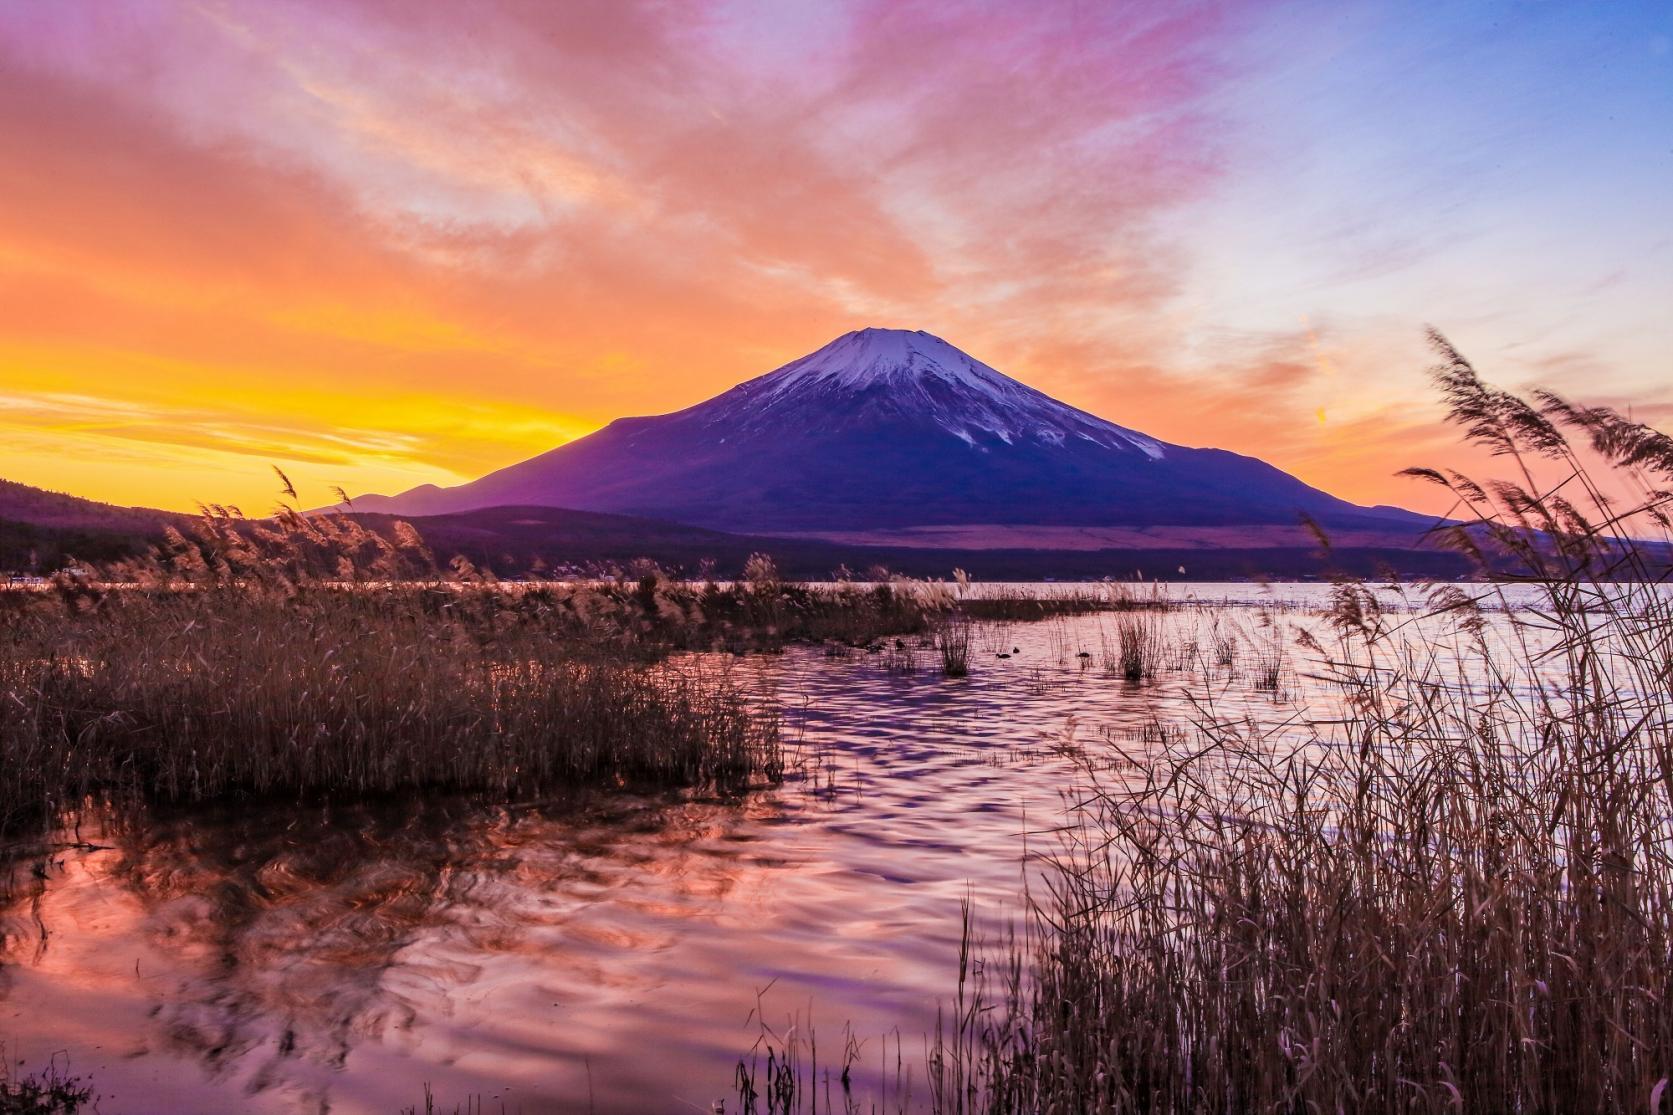 山中湖の絶景フォトスポットを探そう!-1